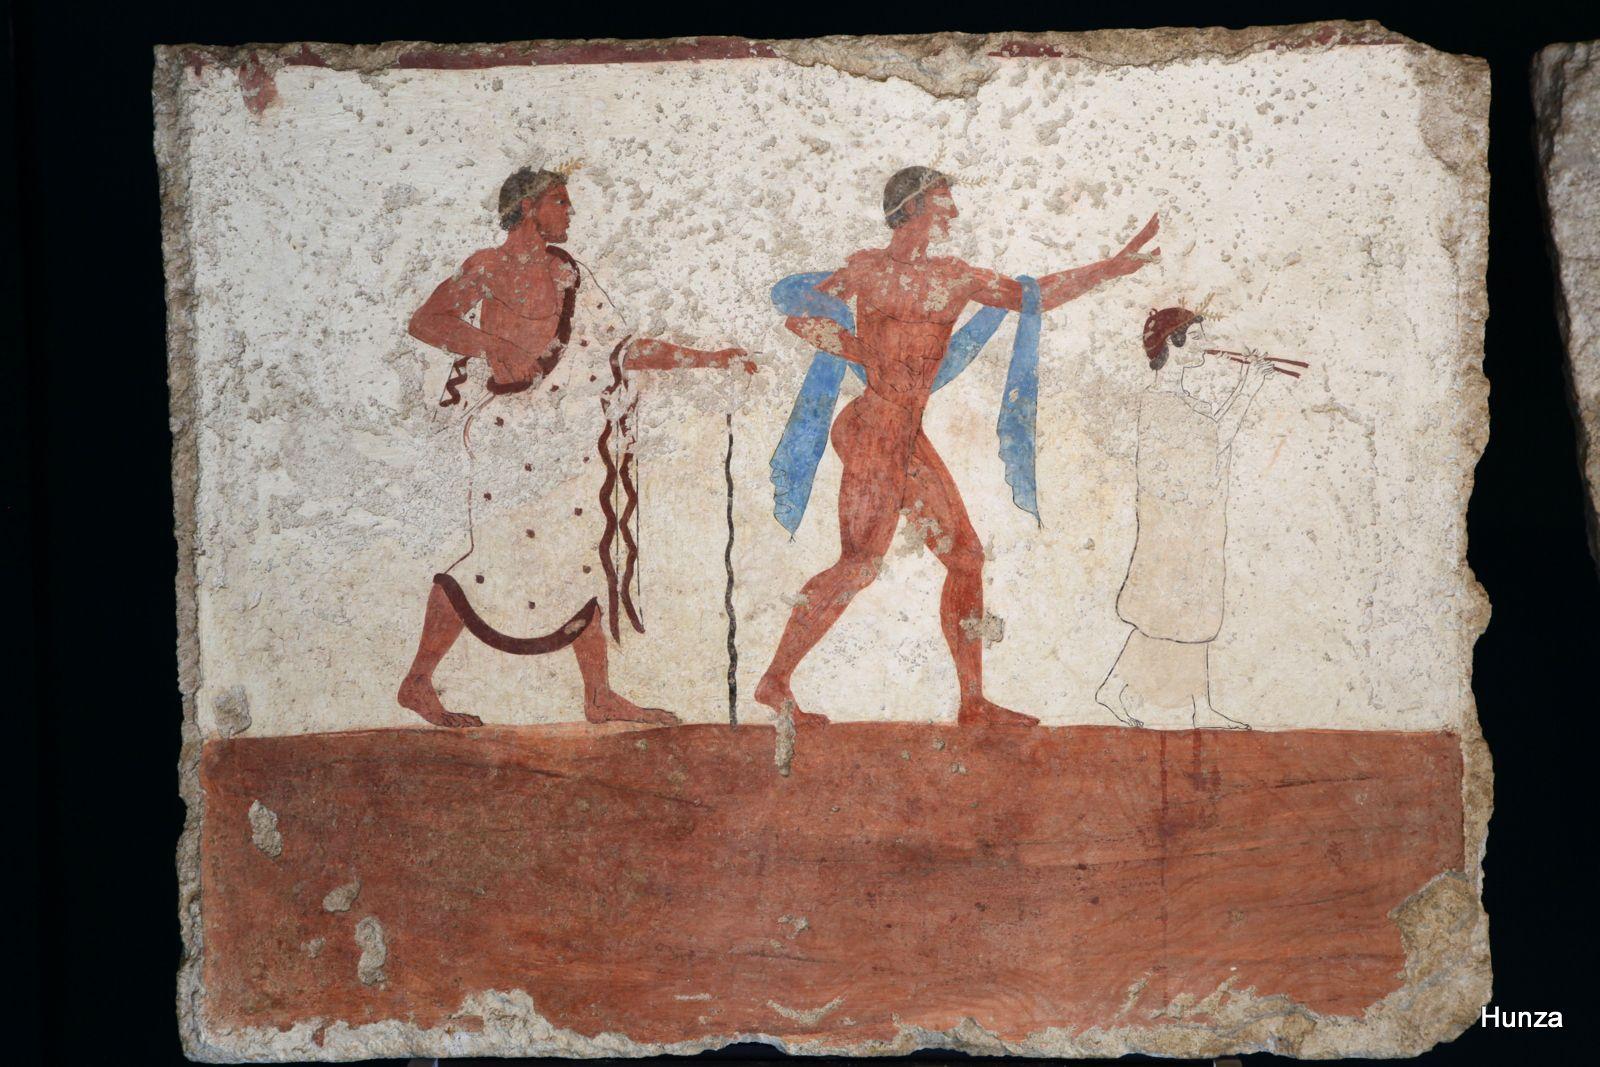 Jeune homme nu derrière une femme jouant de la flûte et suivi par un pédagogue